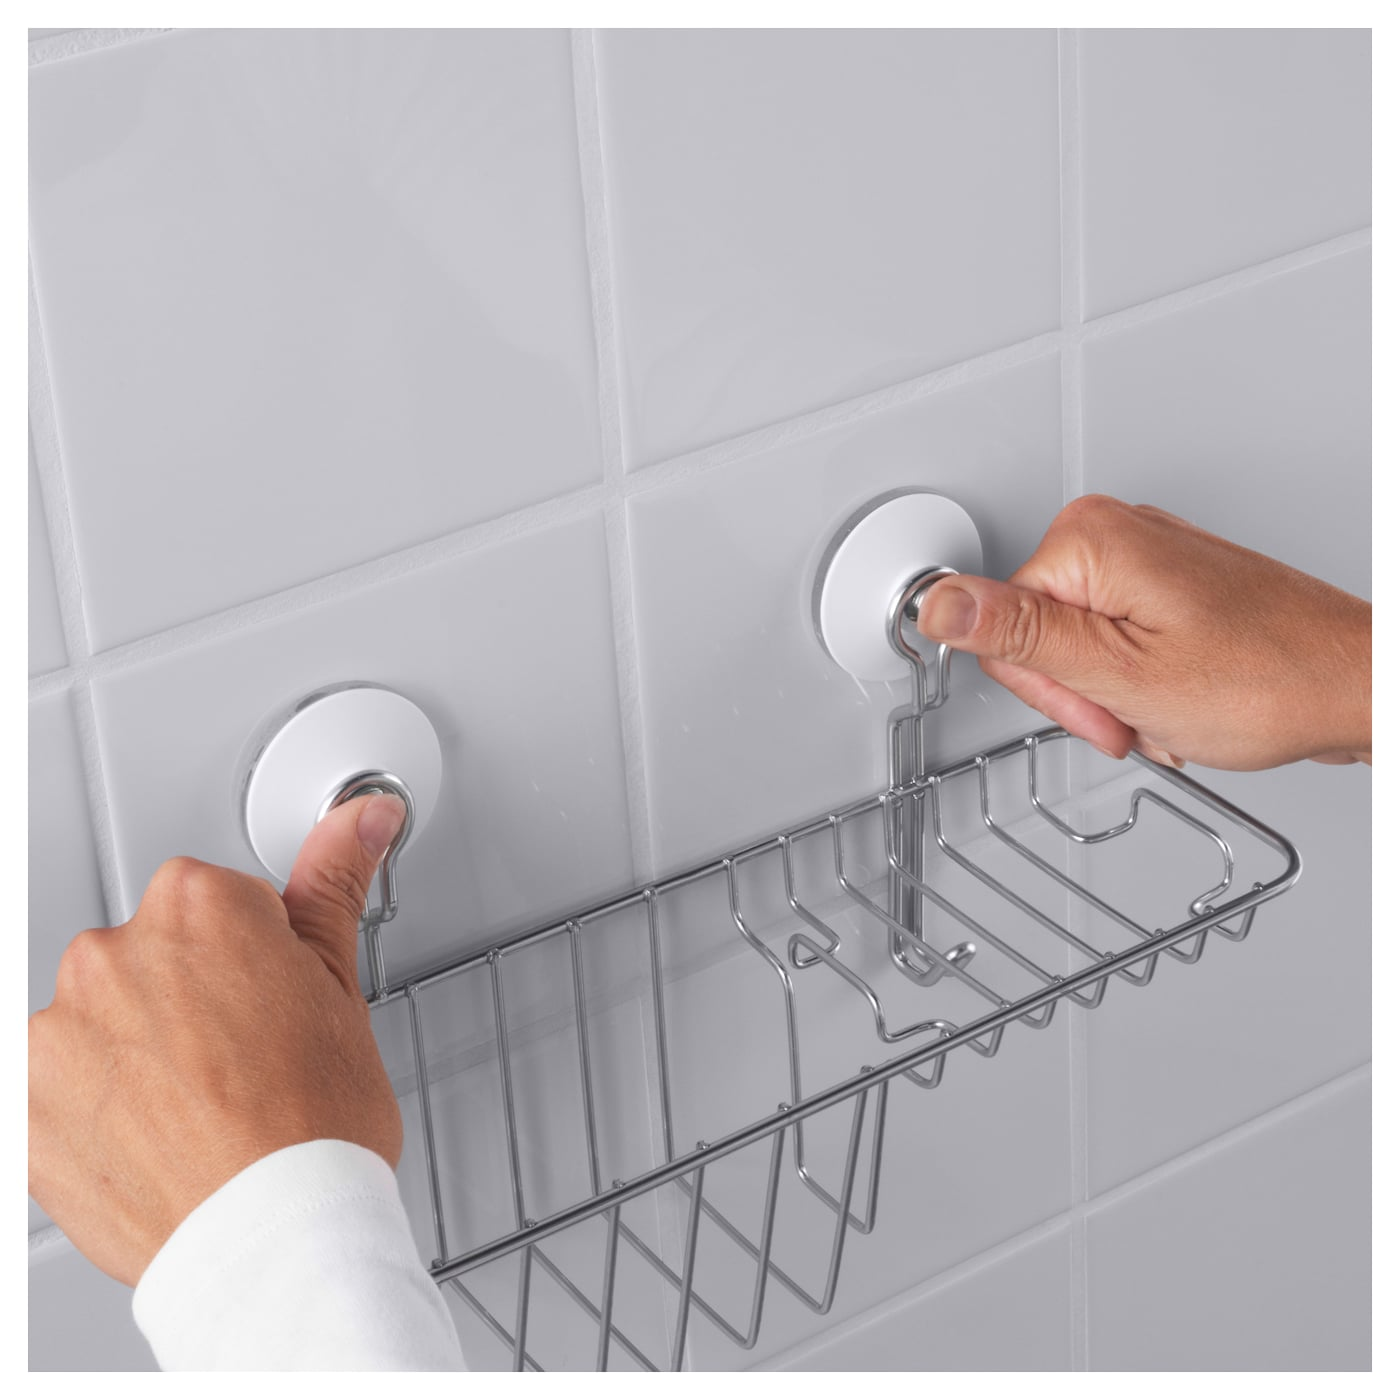 Ikea Immeln Shower Soap Basket With Hook